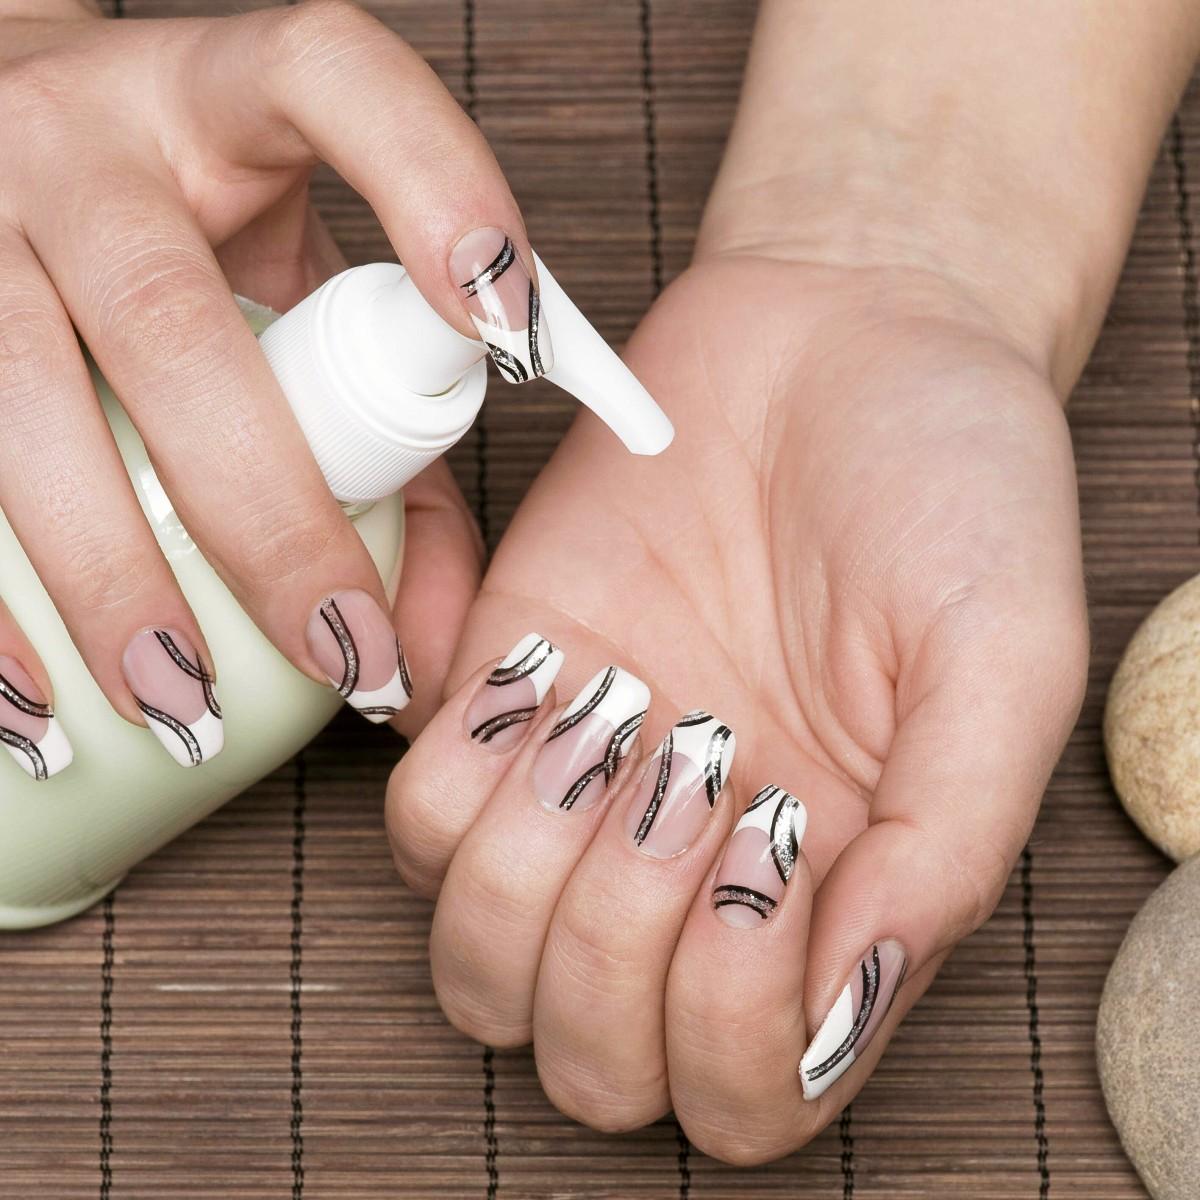 Abschleifen fußnägel Elektrische Nagelfeile